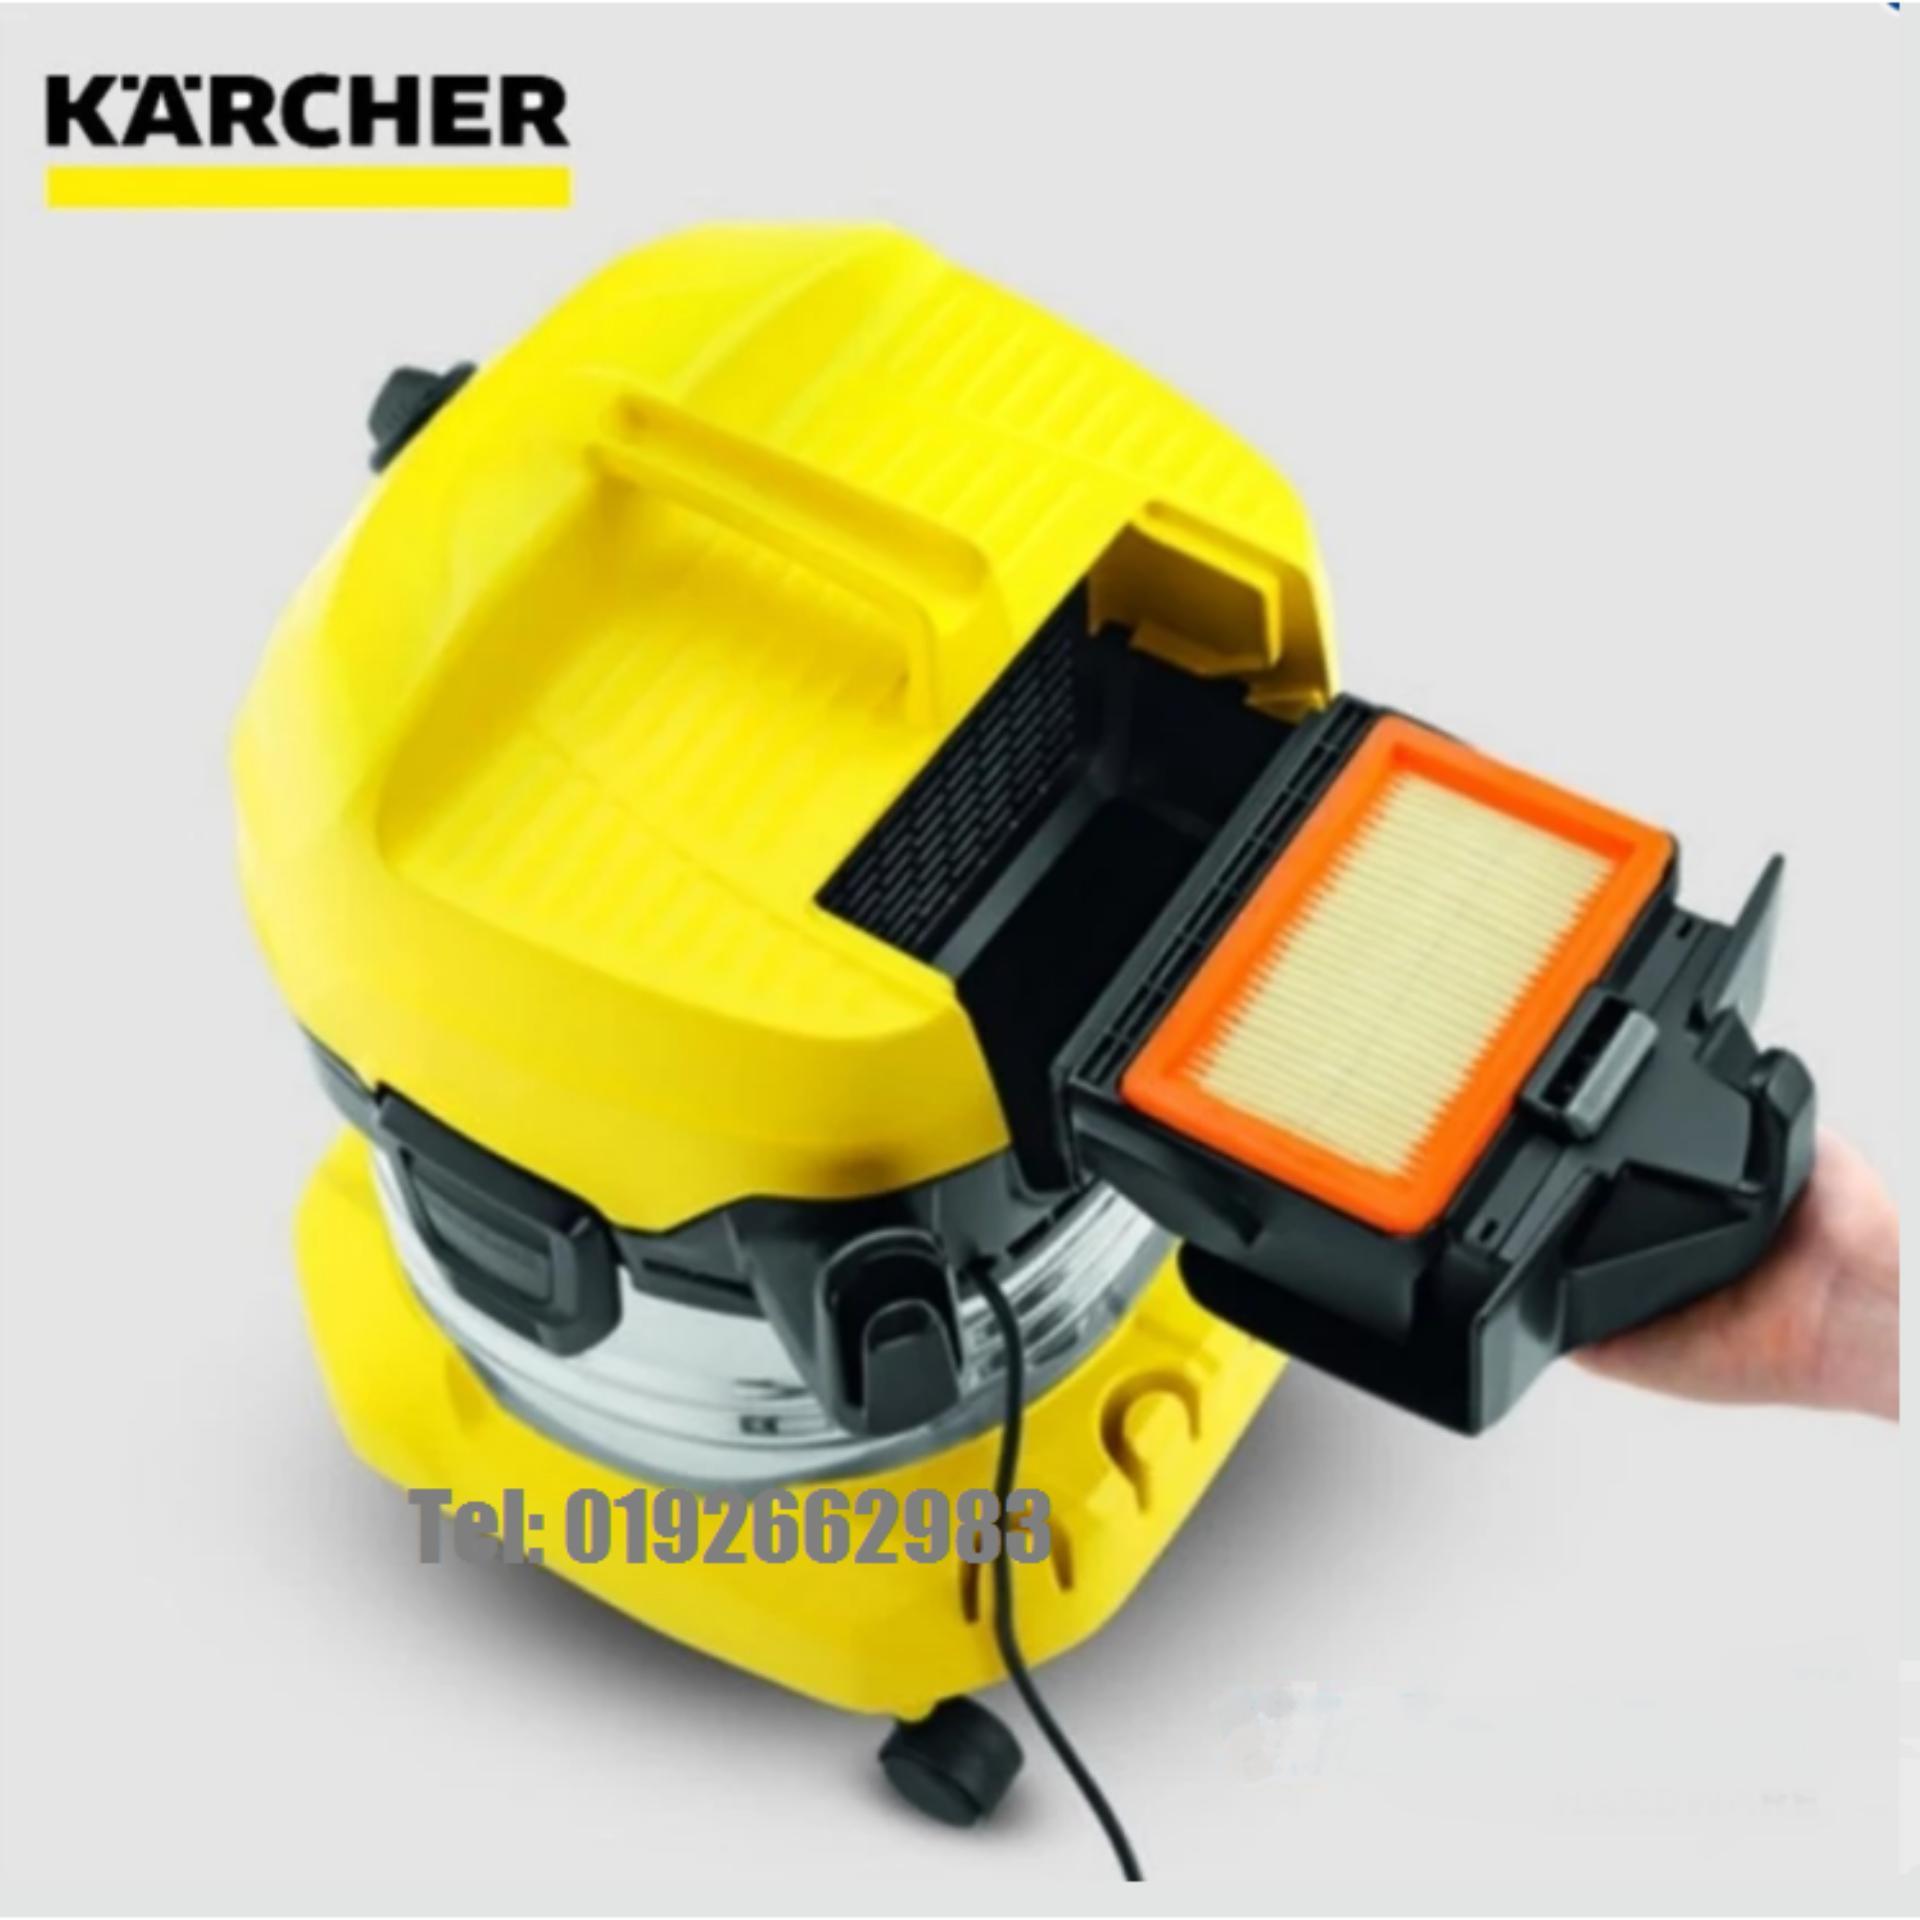 Tawaran Hot Terakhir Original Karcher Wd4 Wet Dry Muiltpurpose Mv 4 Premium Vacuum Cleaner And 20l 1000w Yellow